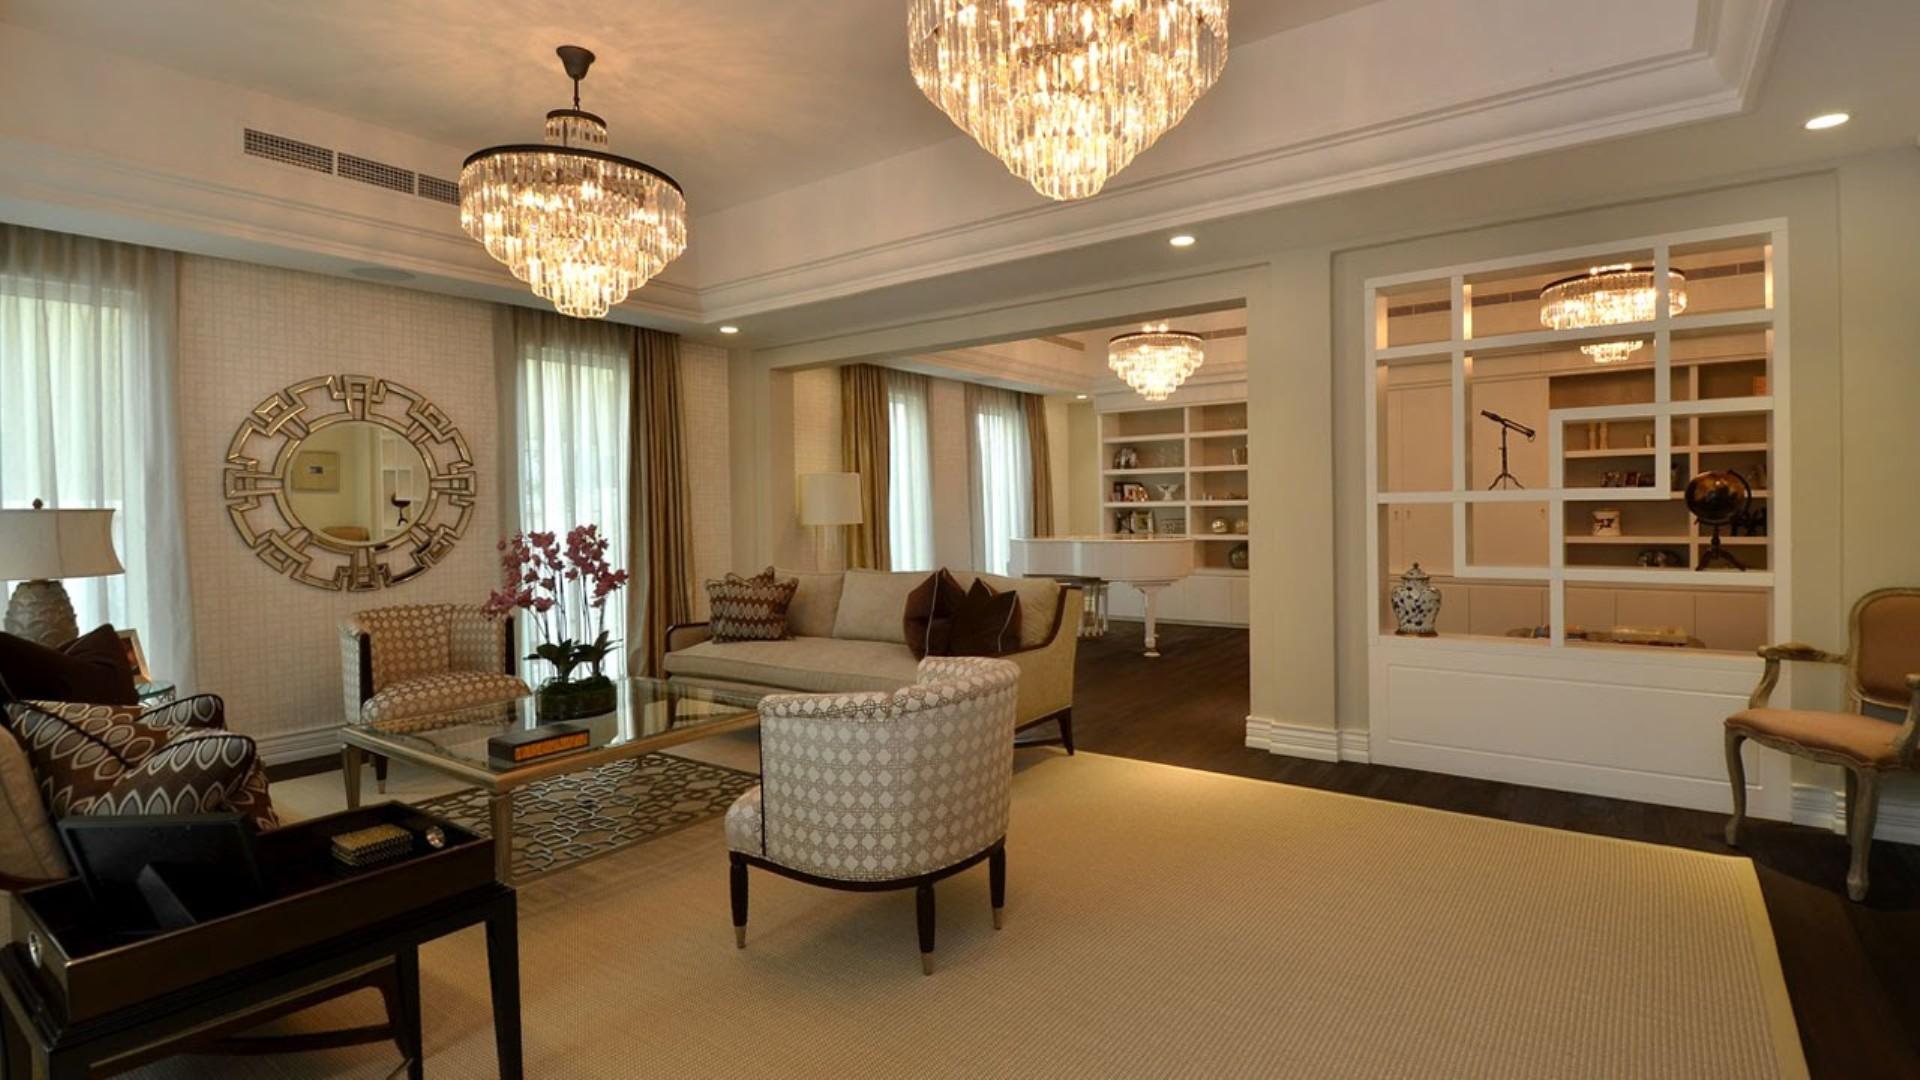 Villa en venta en Dubai, EAU, 5 dormitorios, 930 m2, № 24326 – foto 5